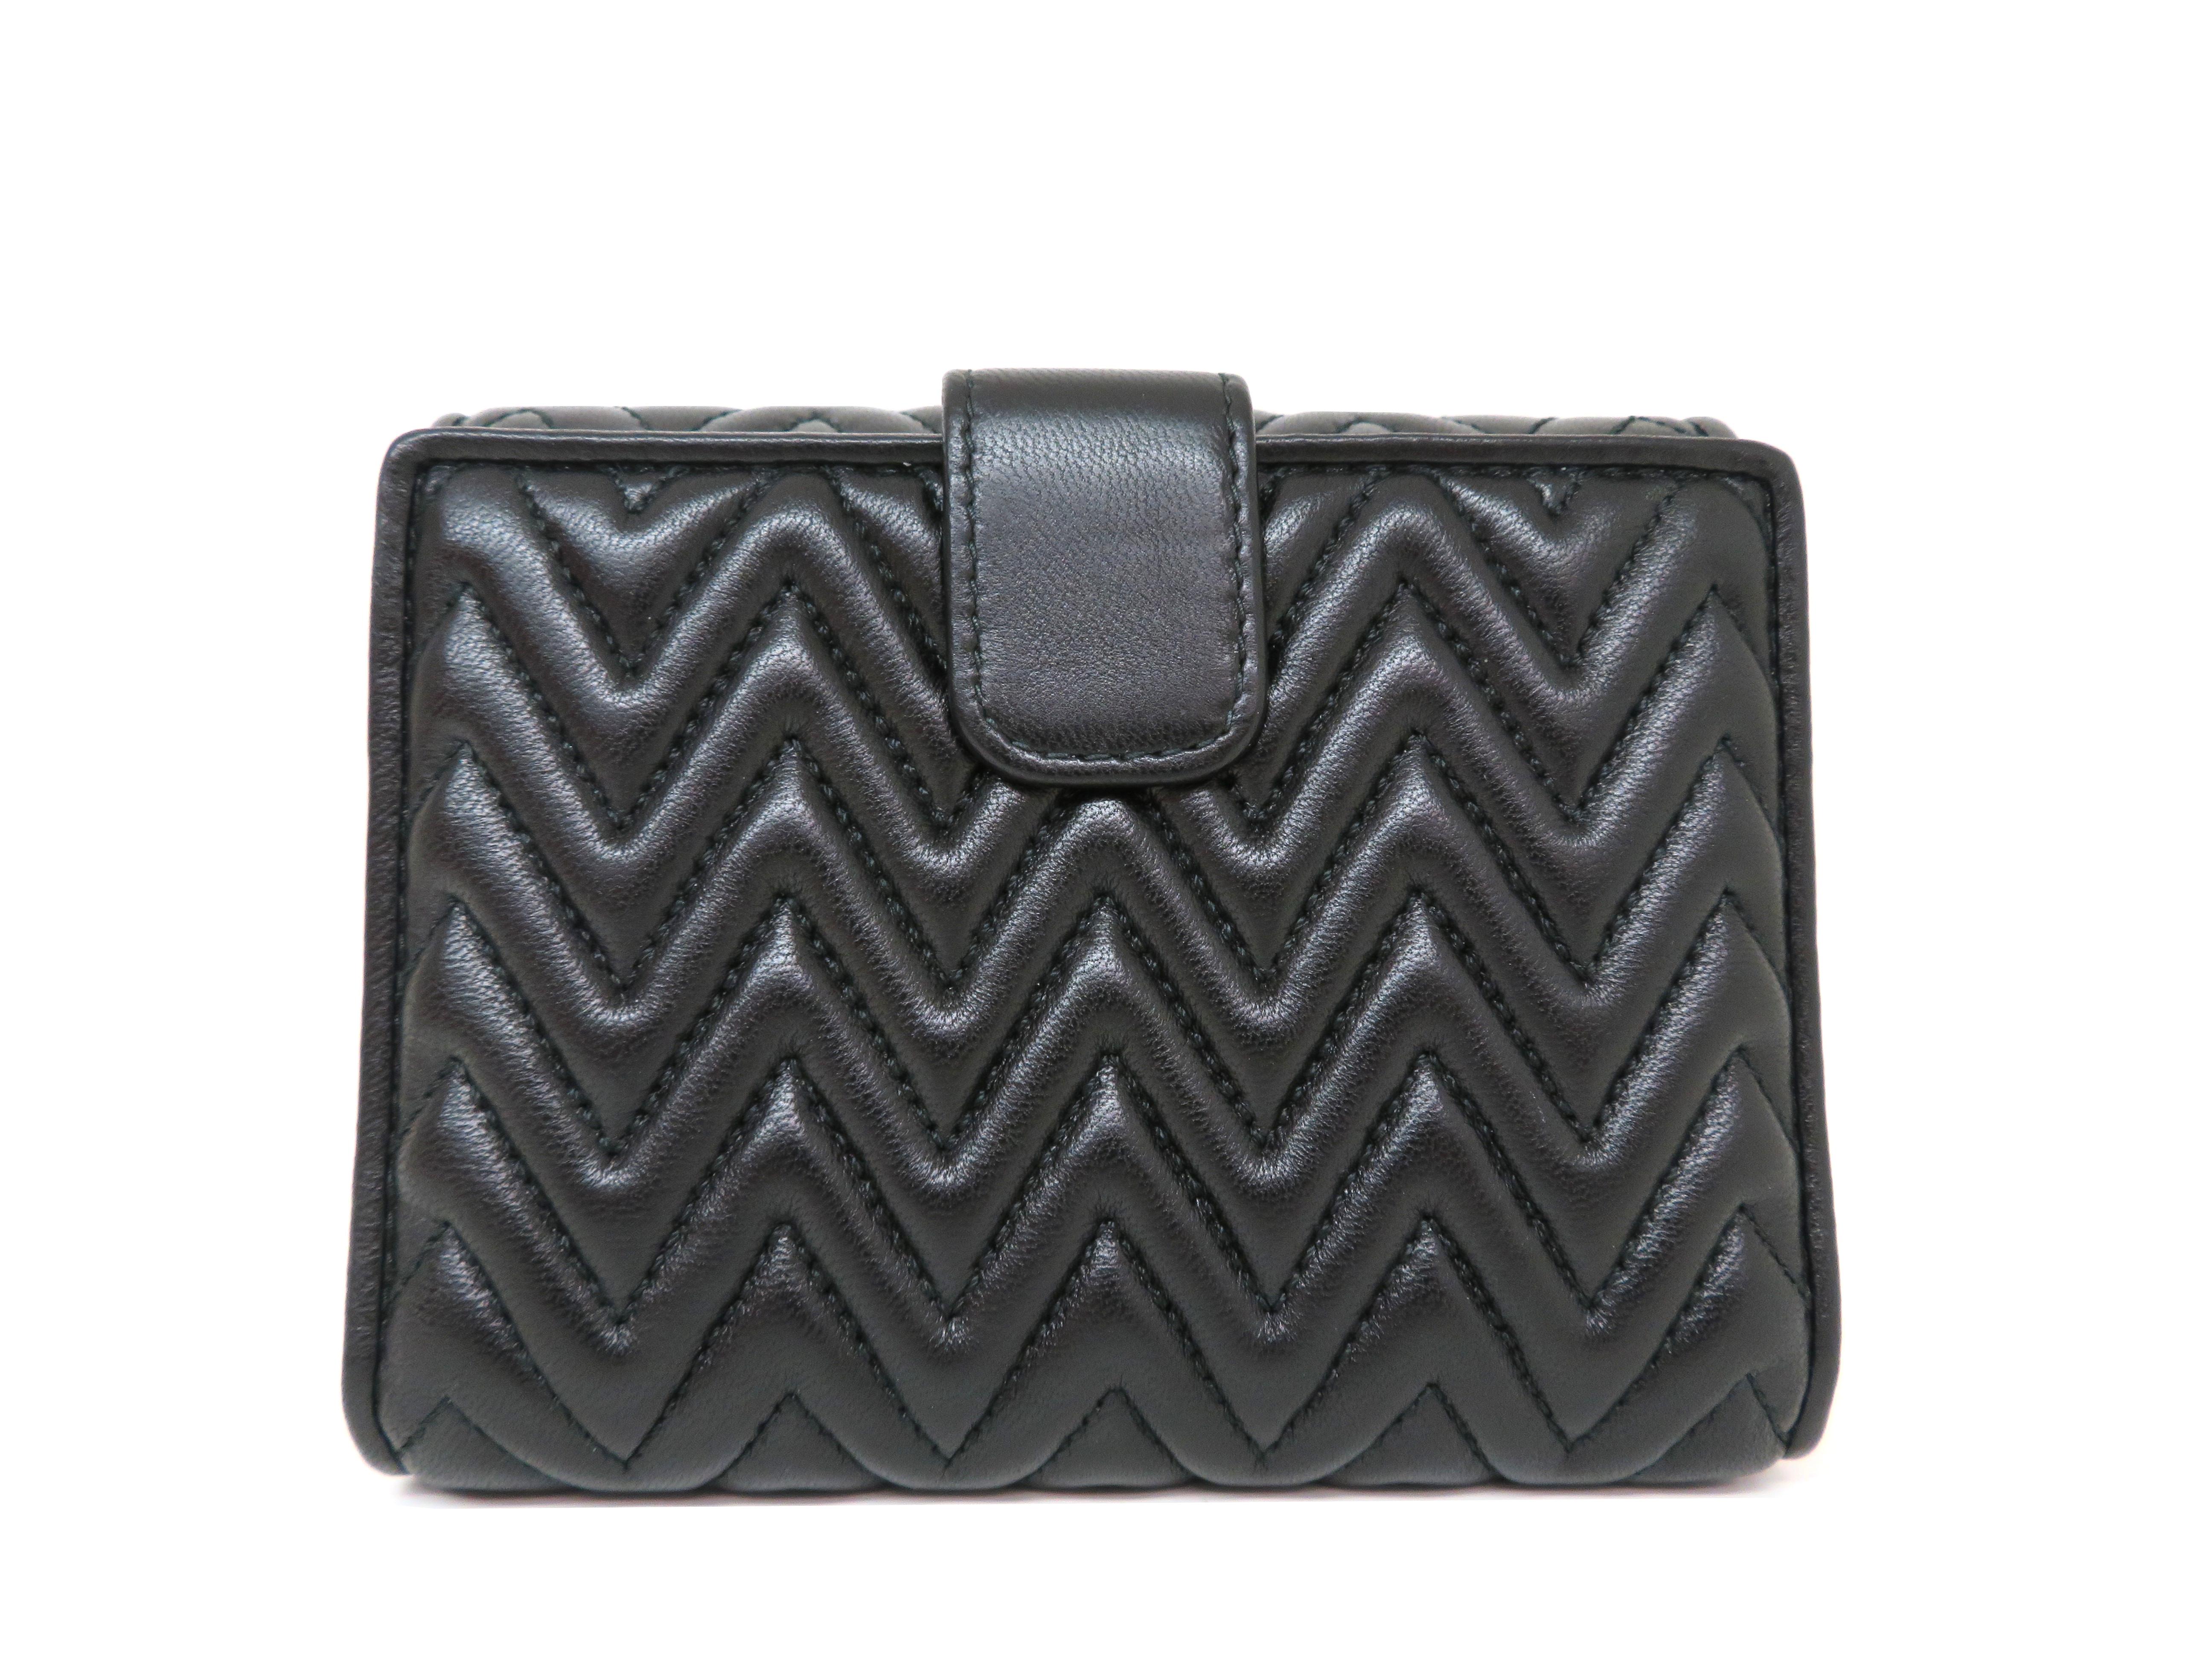 miumiu ミュウミュウ 財布 Wホックコンパクト財布 ブラック ラムスキン 5MH523 【204】 image number 1